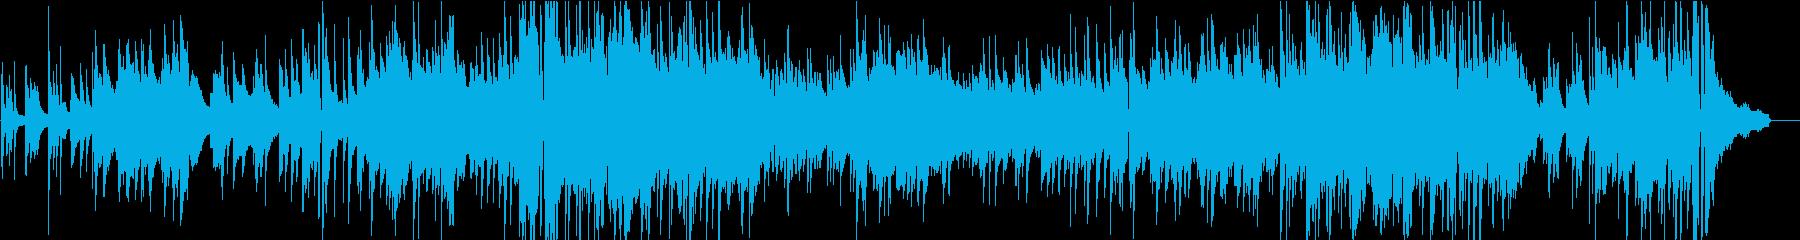 昼下がりの午後♪まったり系の再生済みの波形